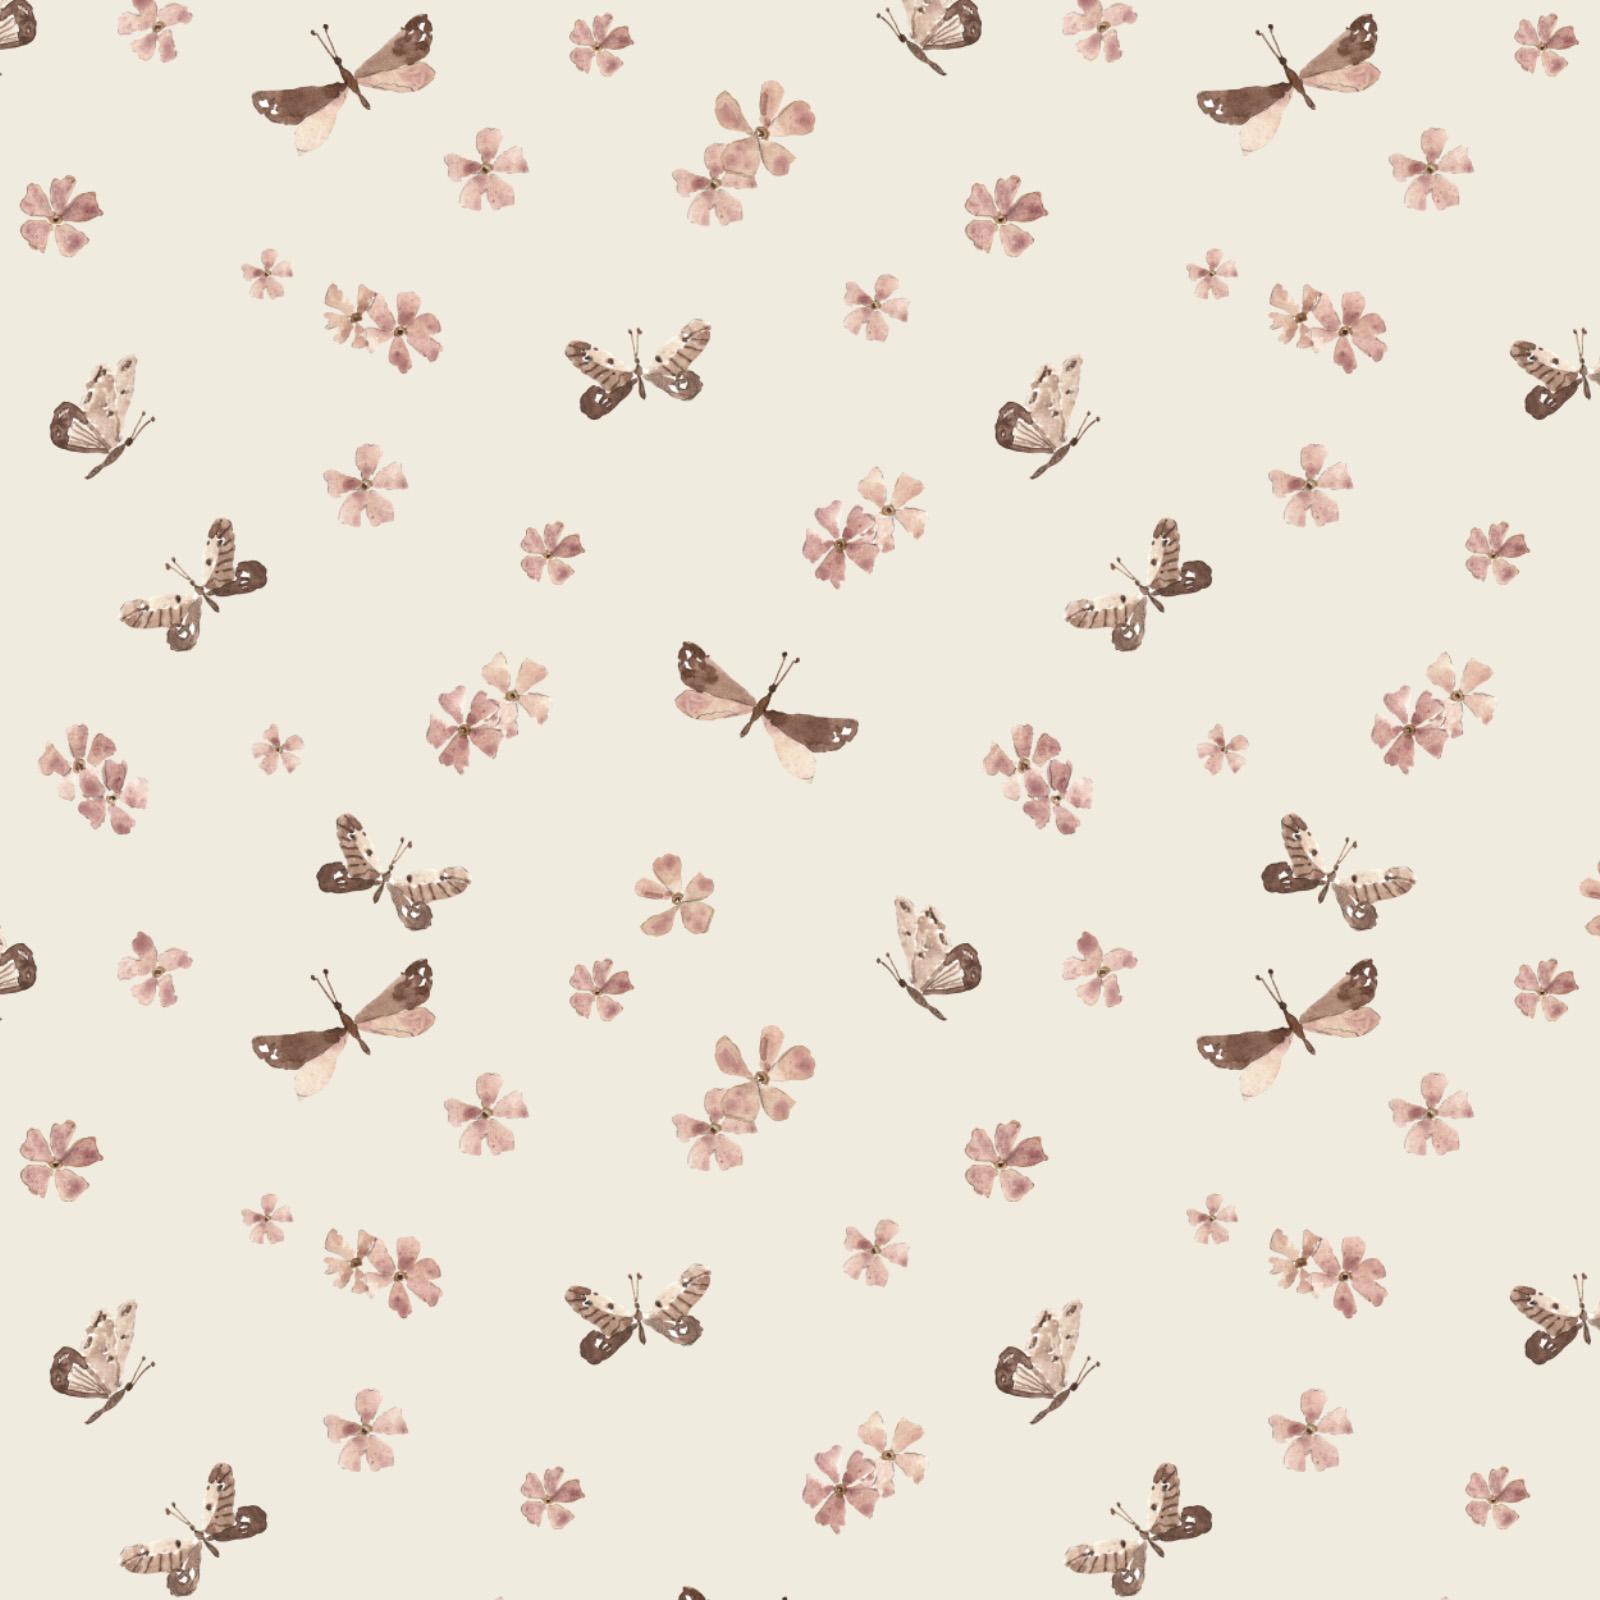 merely susan projekt wzoru na tkaninę w kwiaty ćmy na licencję ręcznie malowane ilustracje akwarelowe na bezowym tle